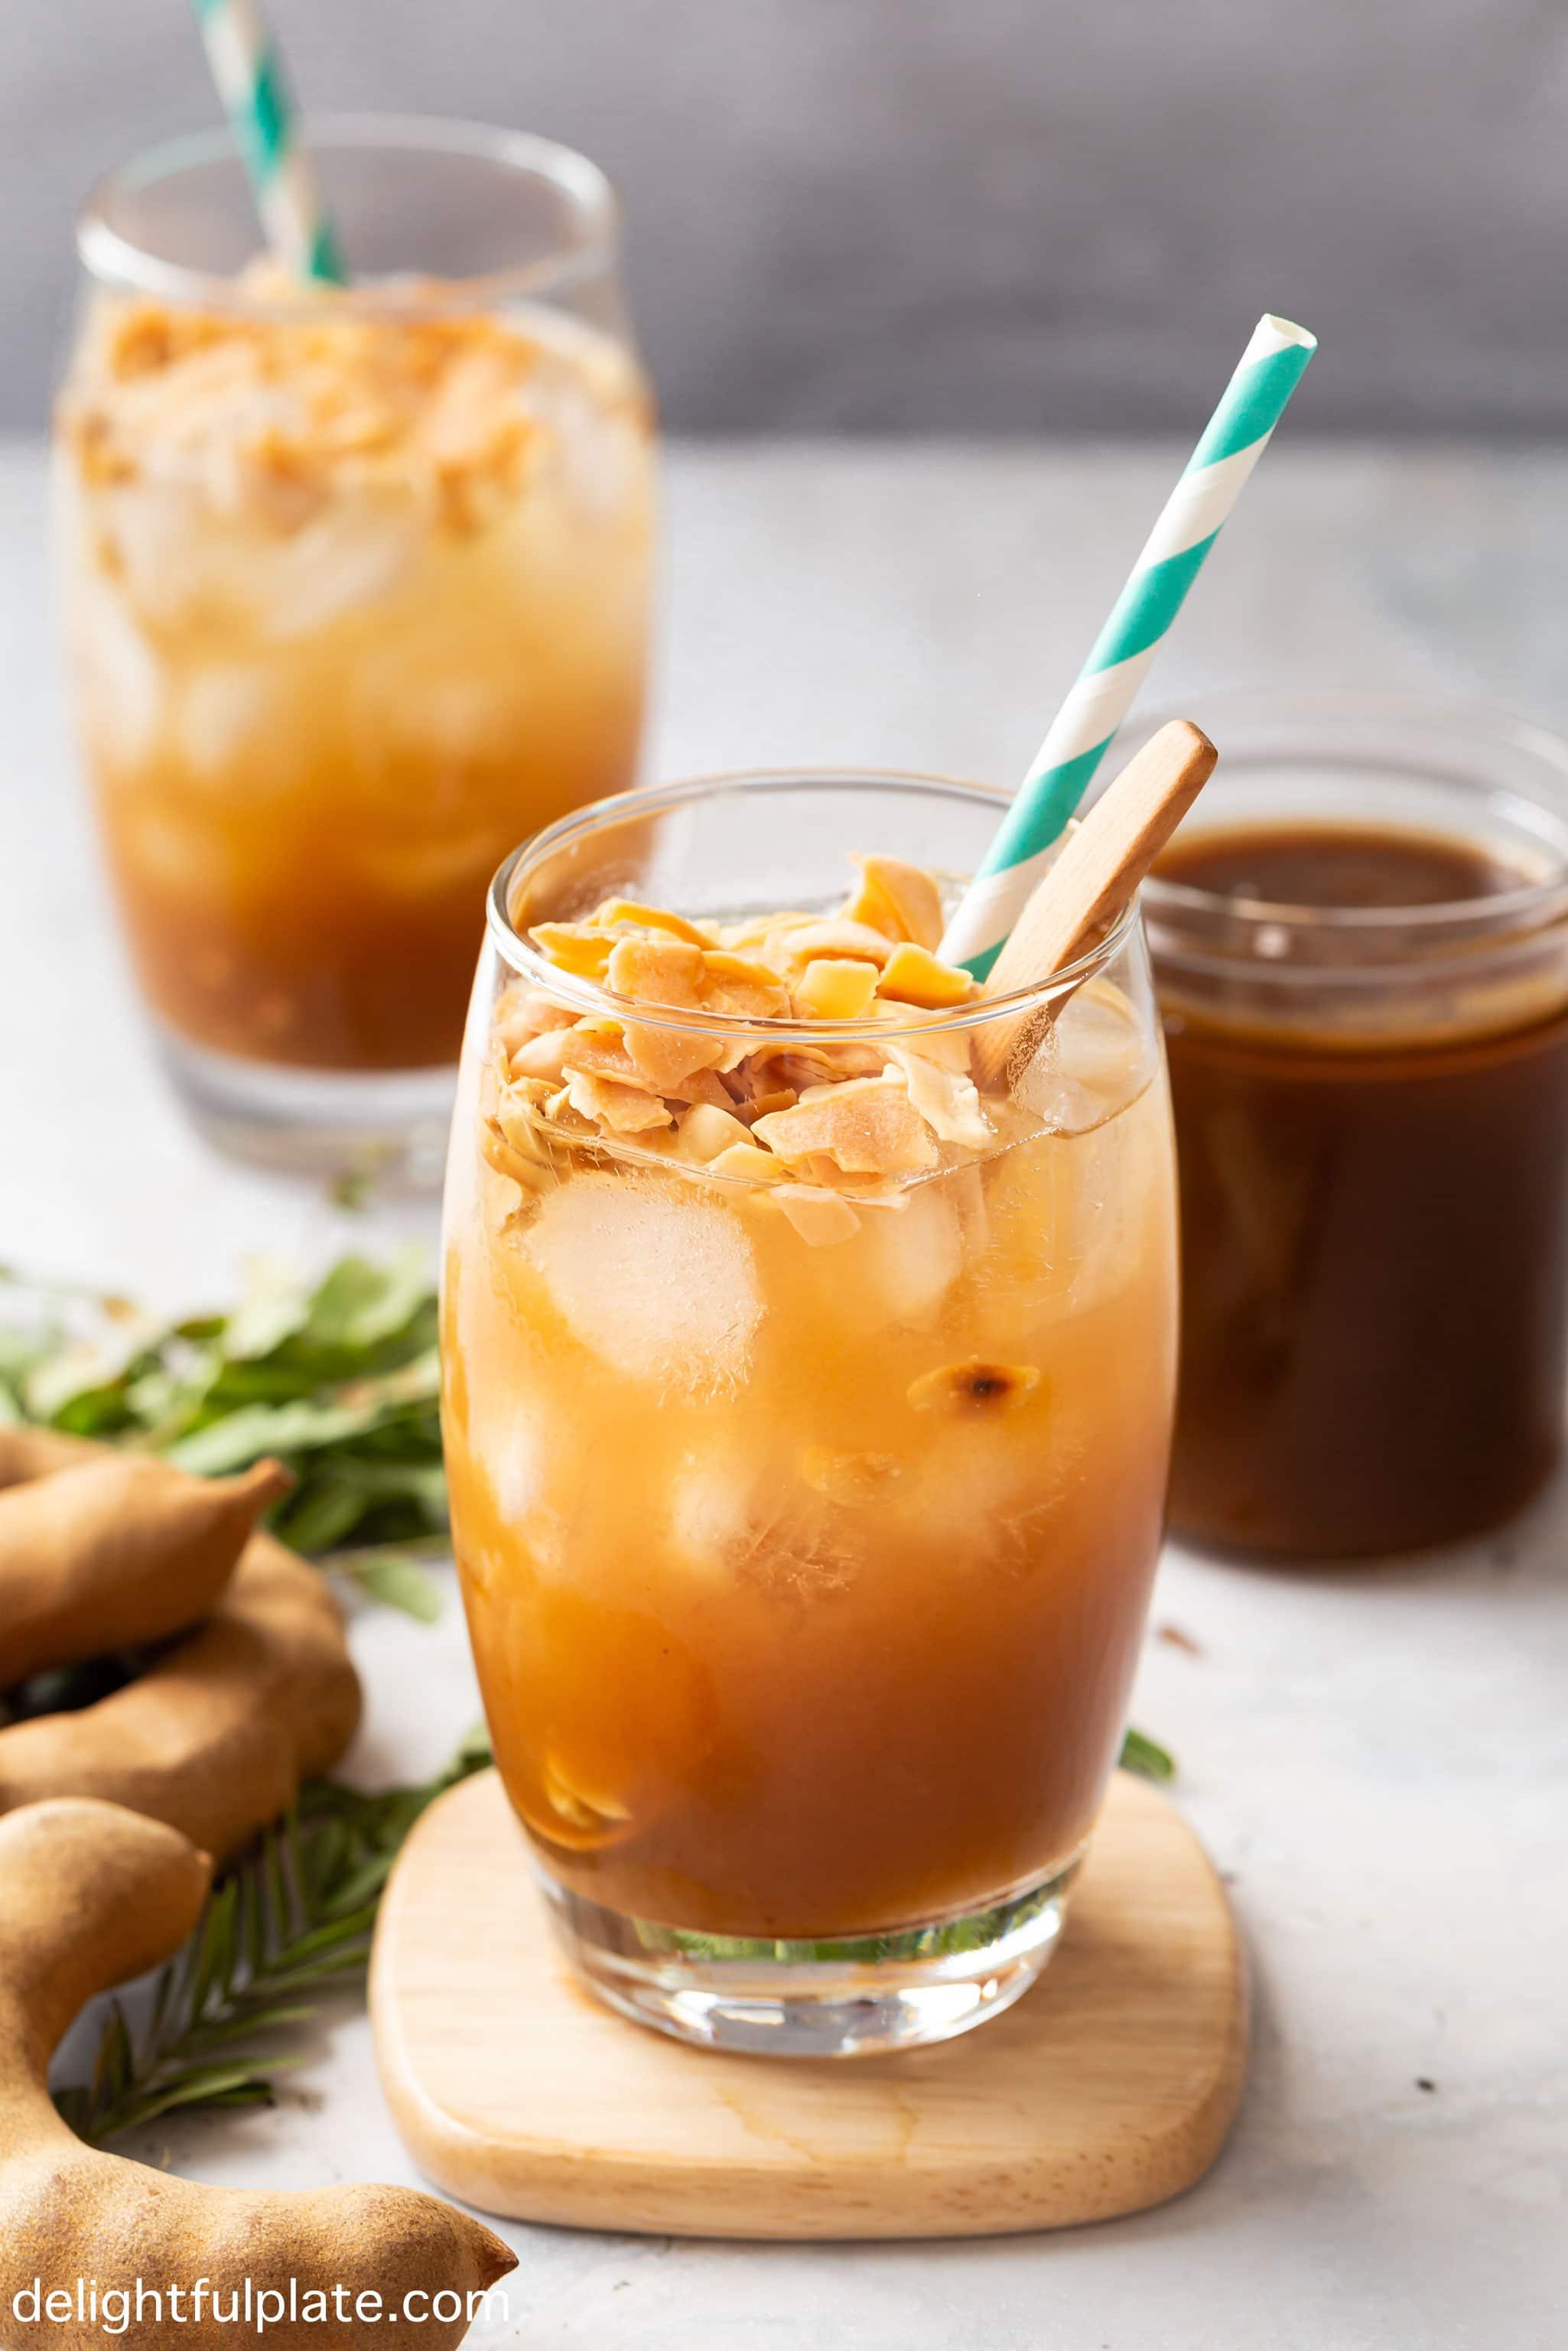 glasses of tamarind juice